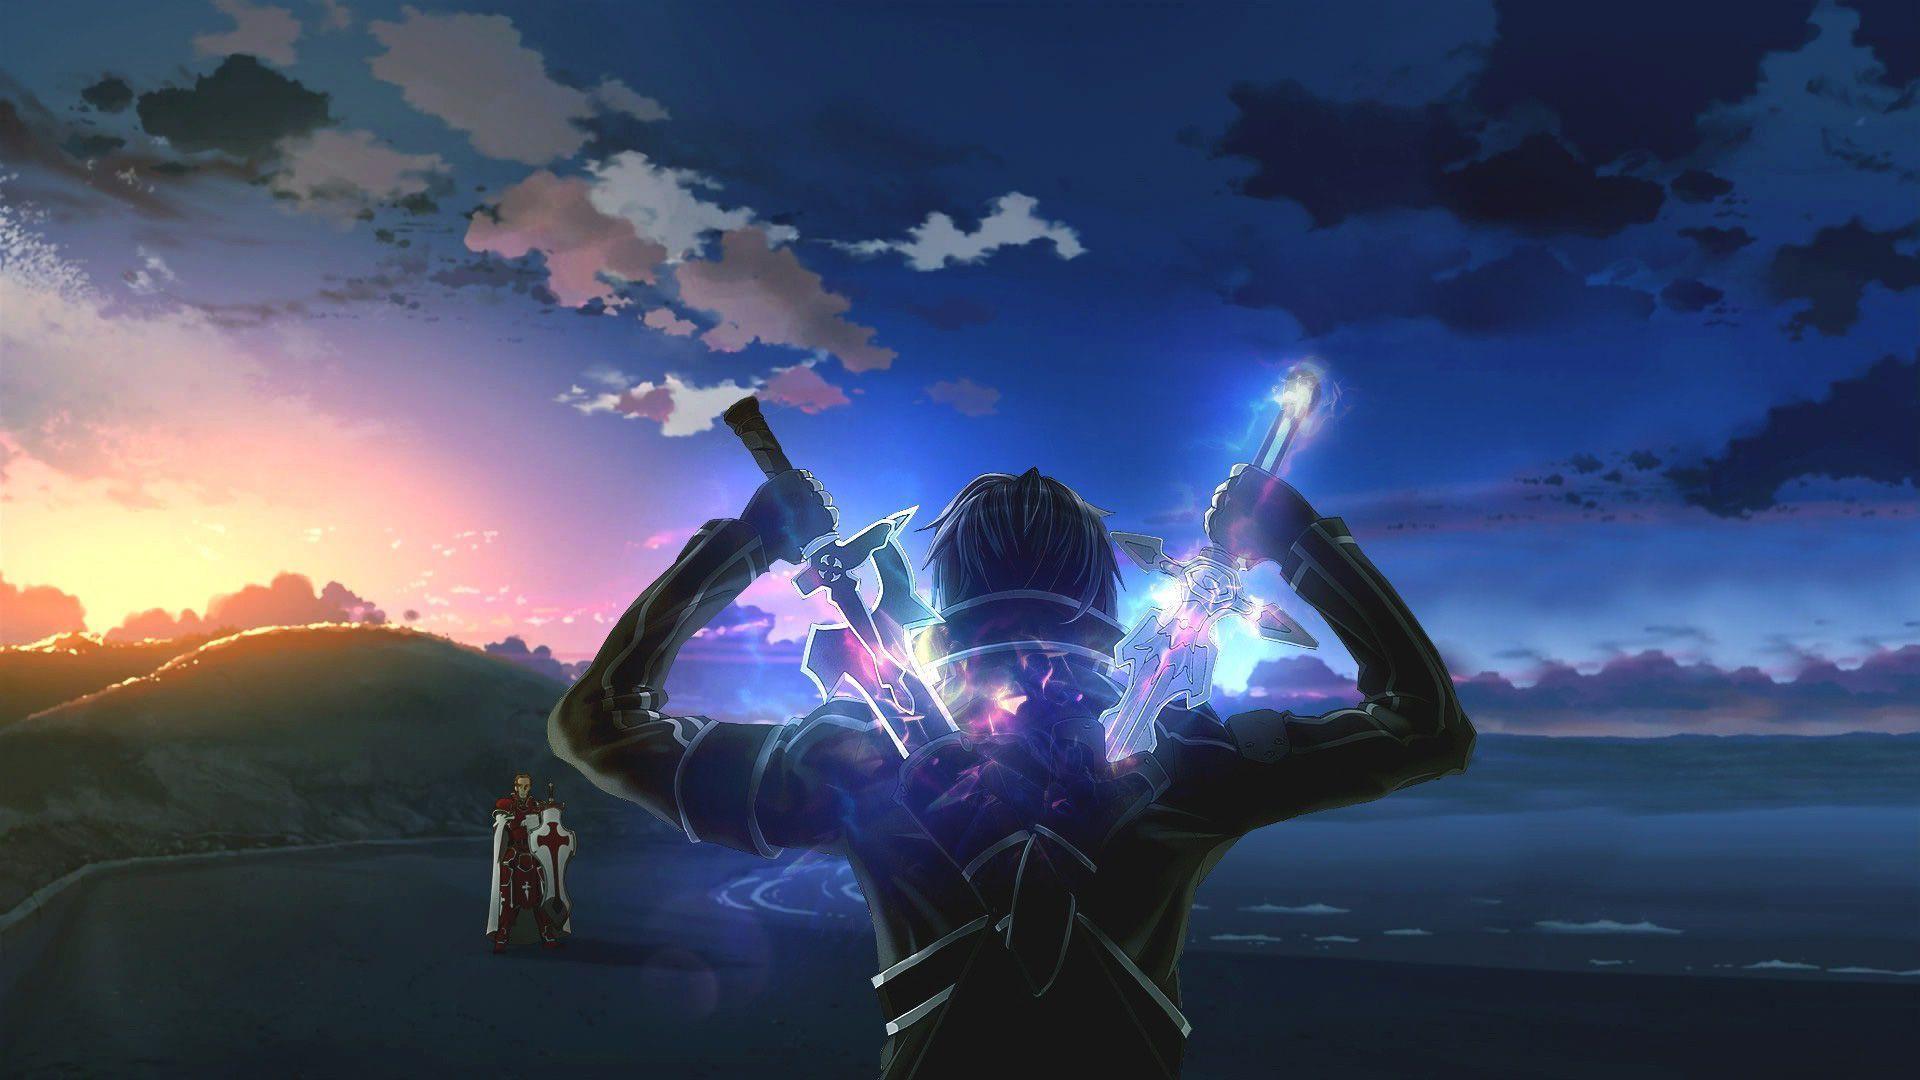 sword art online kirito swords wallpaper | sword art online